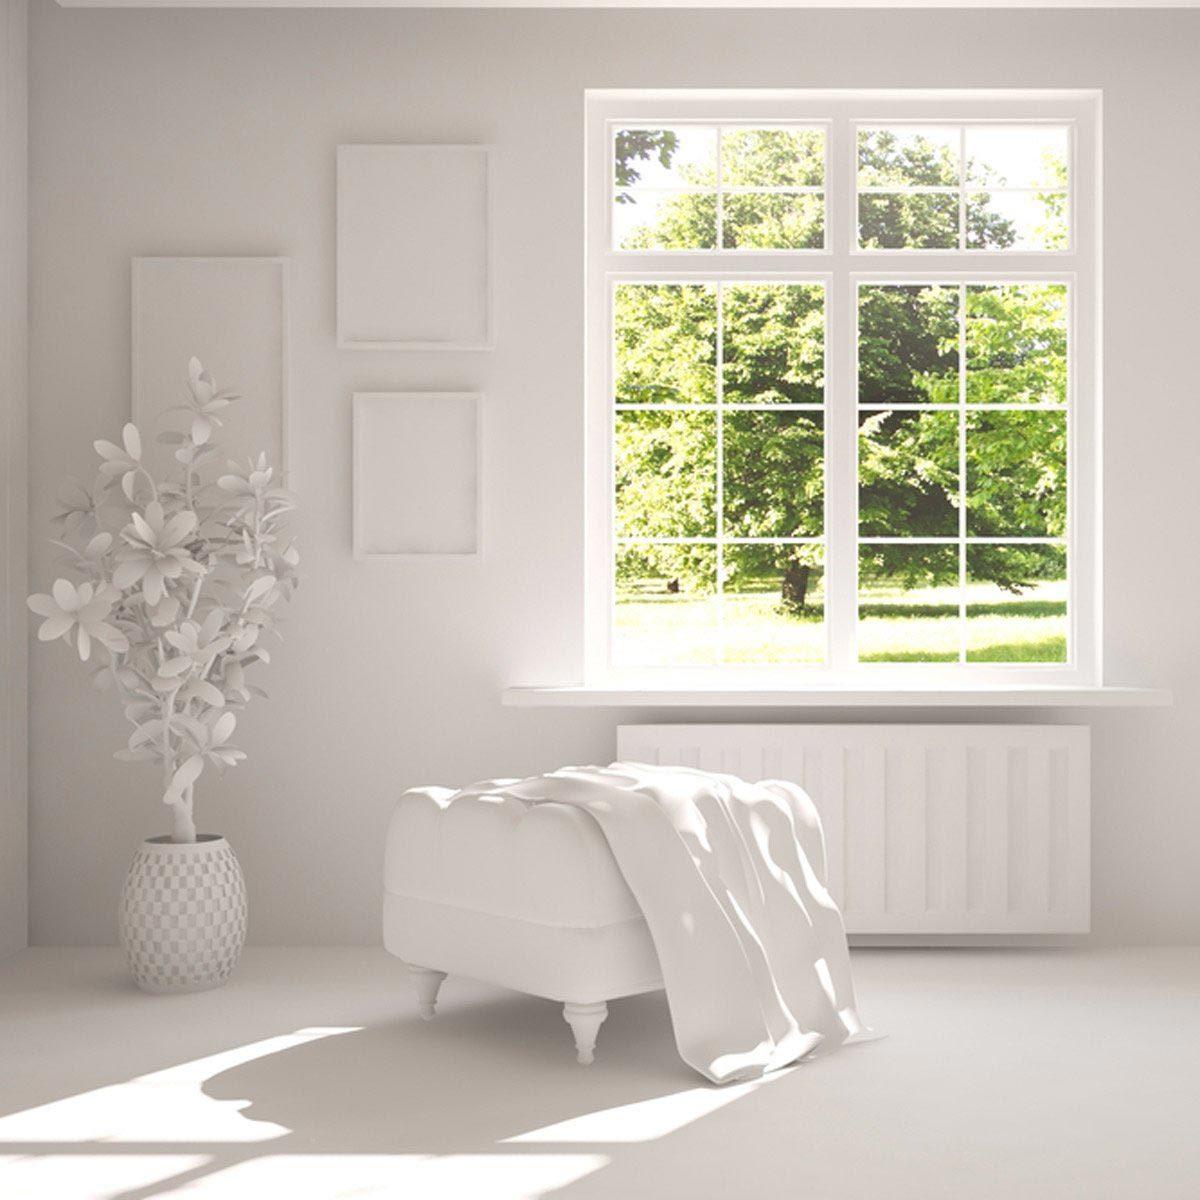 Les cambrioleurs ciblent certaines fenêtres.